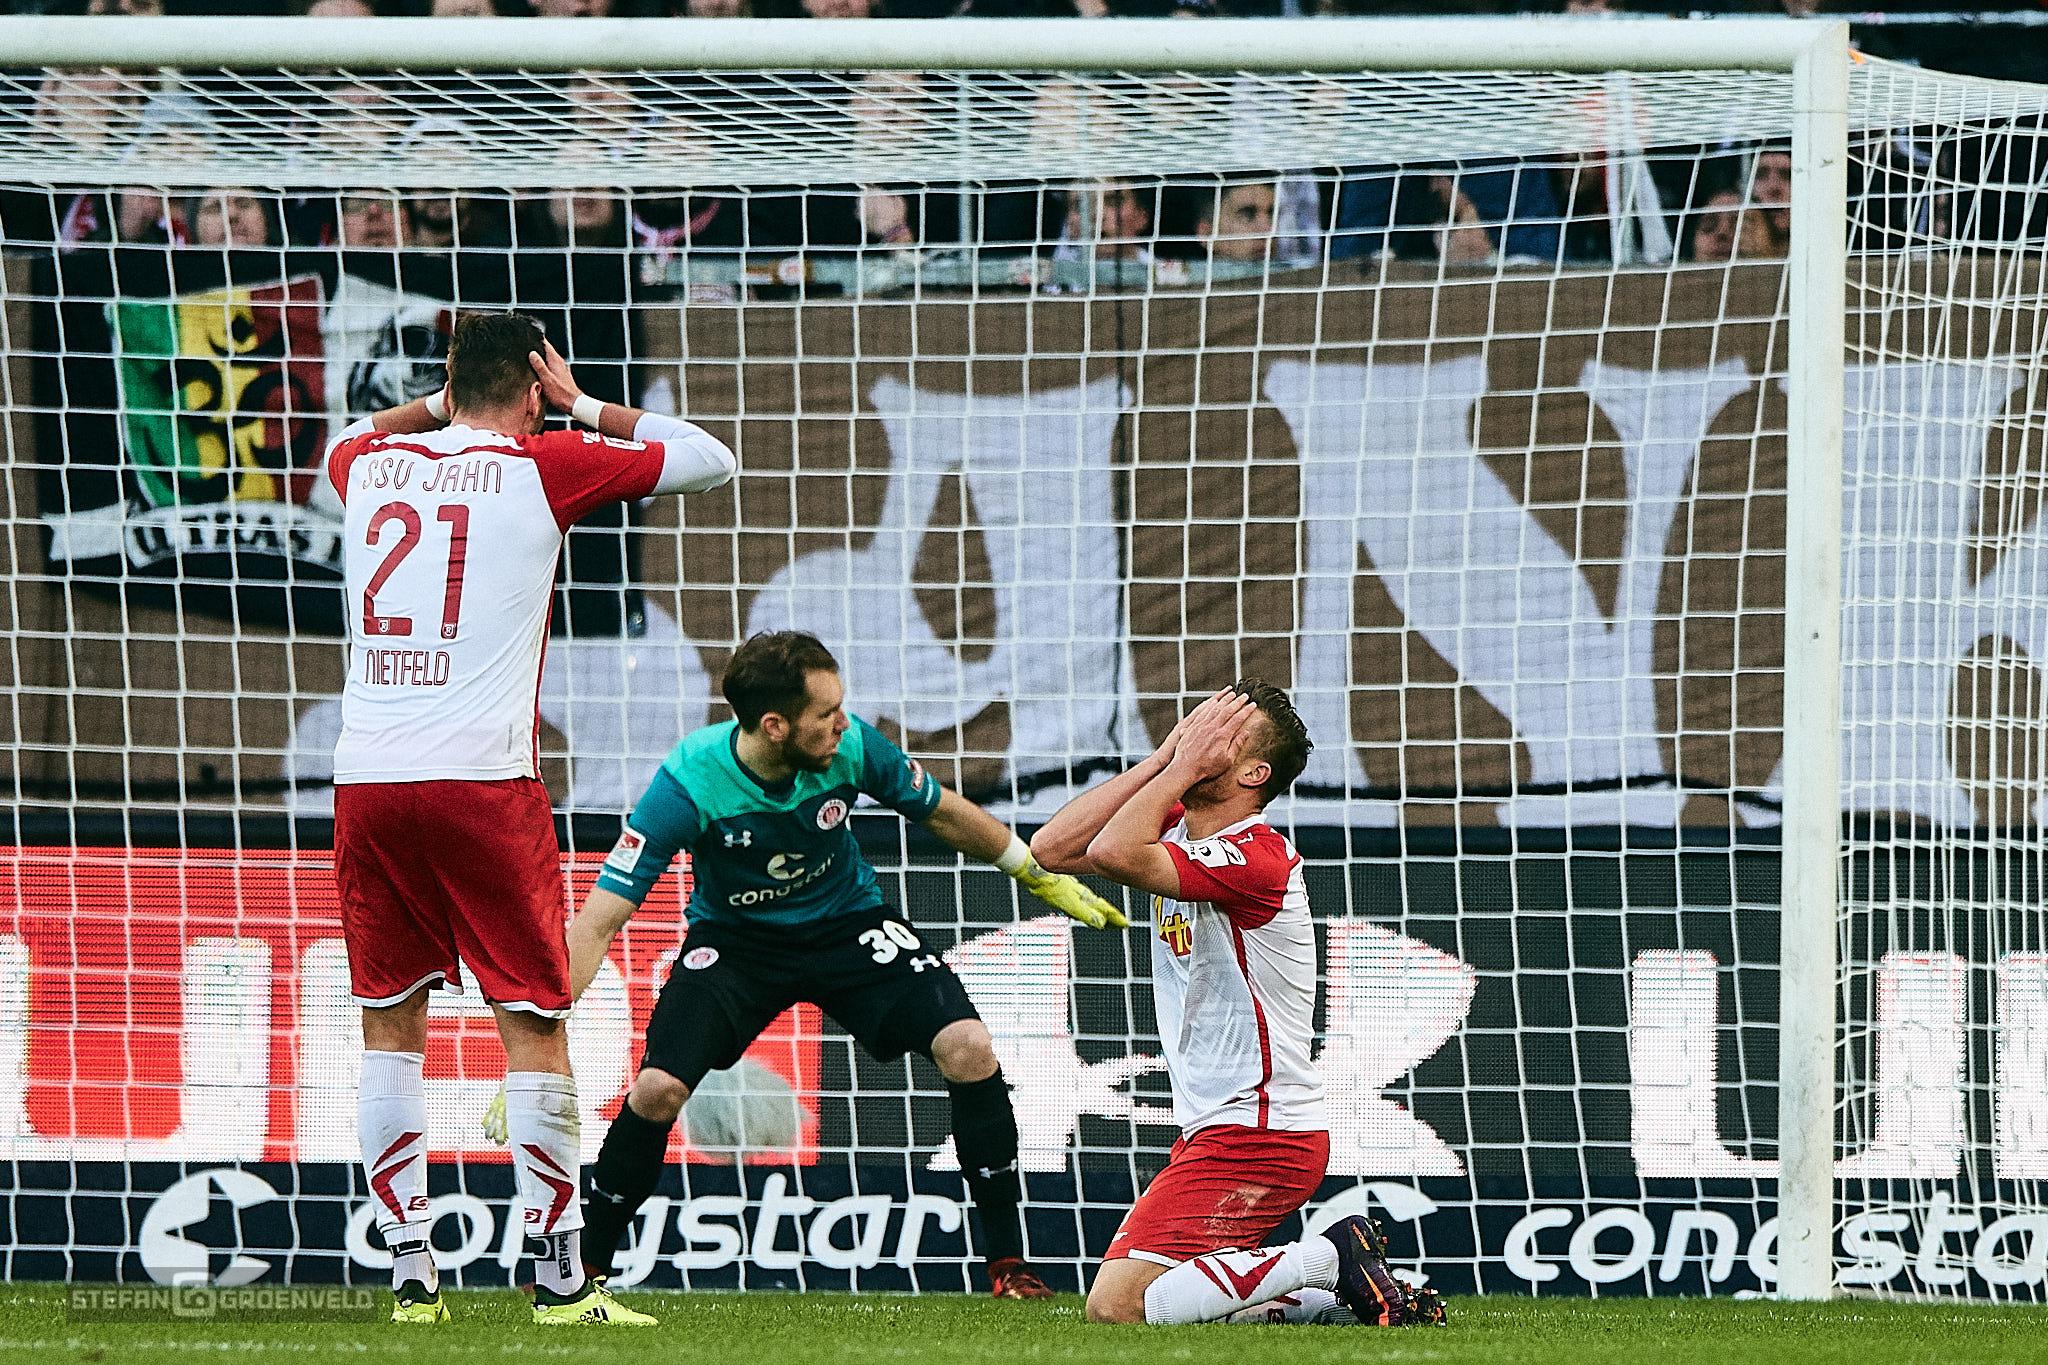 Vor dem Spiel – SSV Jahn Regensburg (H) – Spieltag 31 – Saison 2018/2019